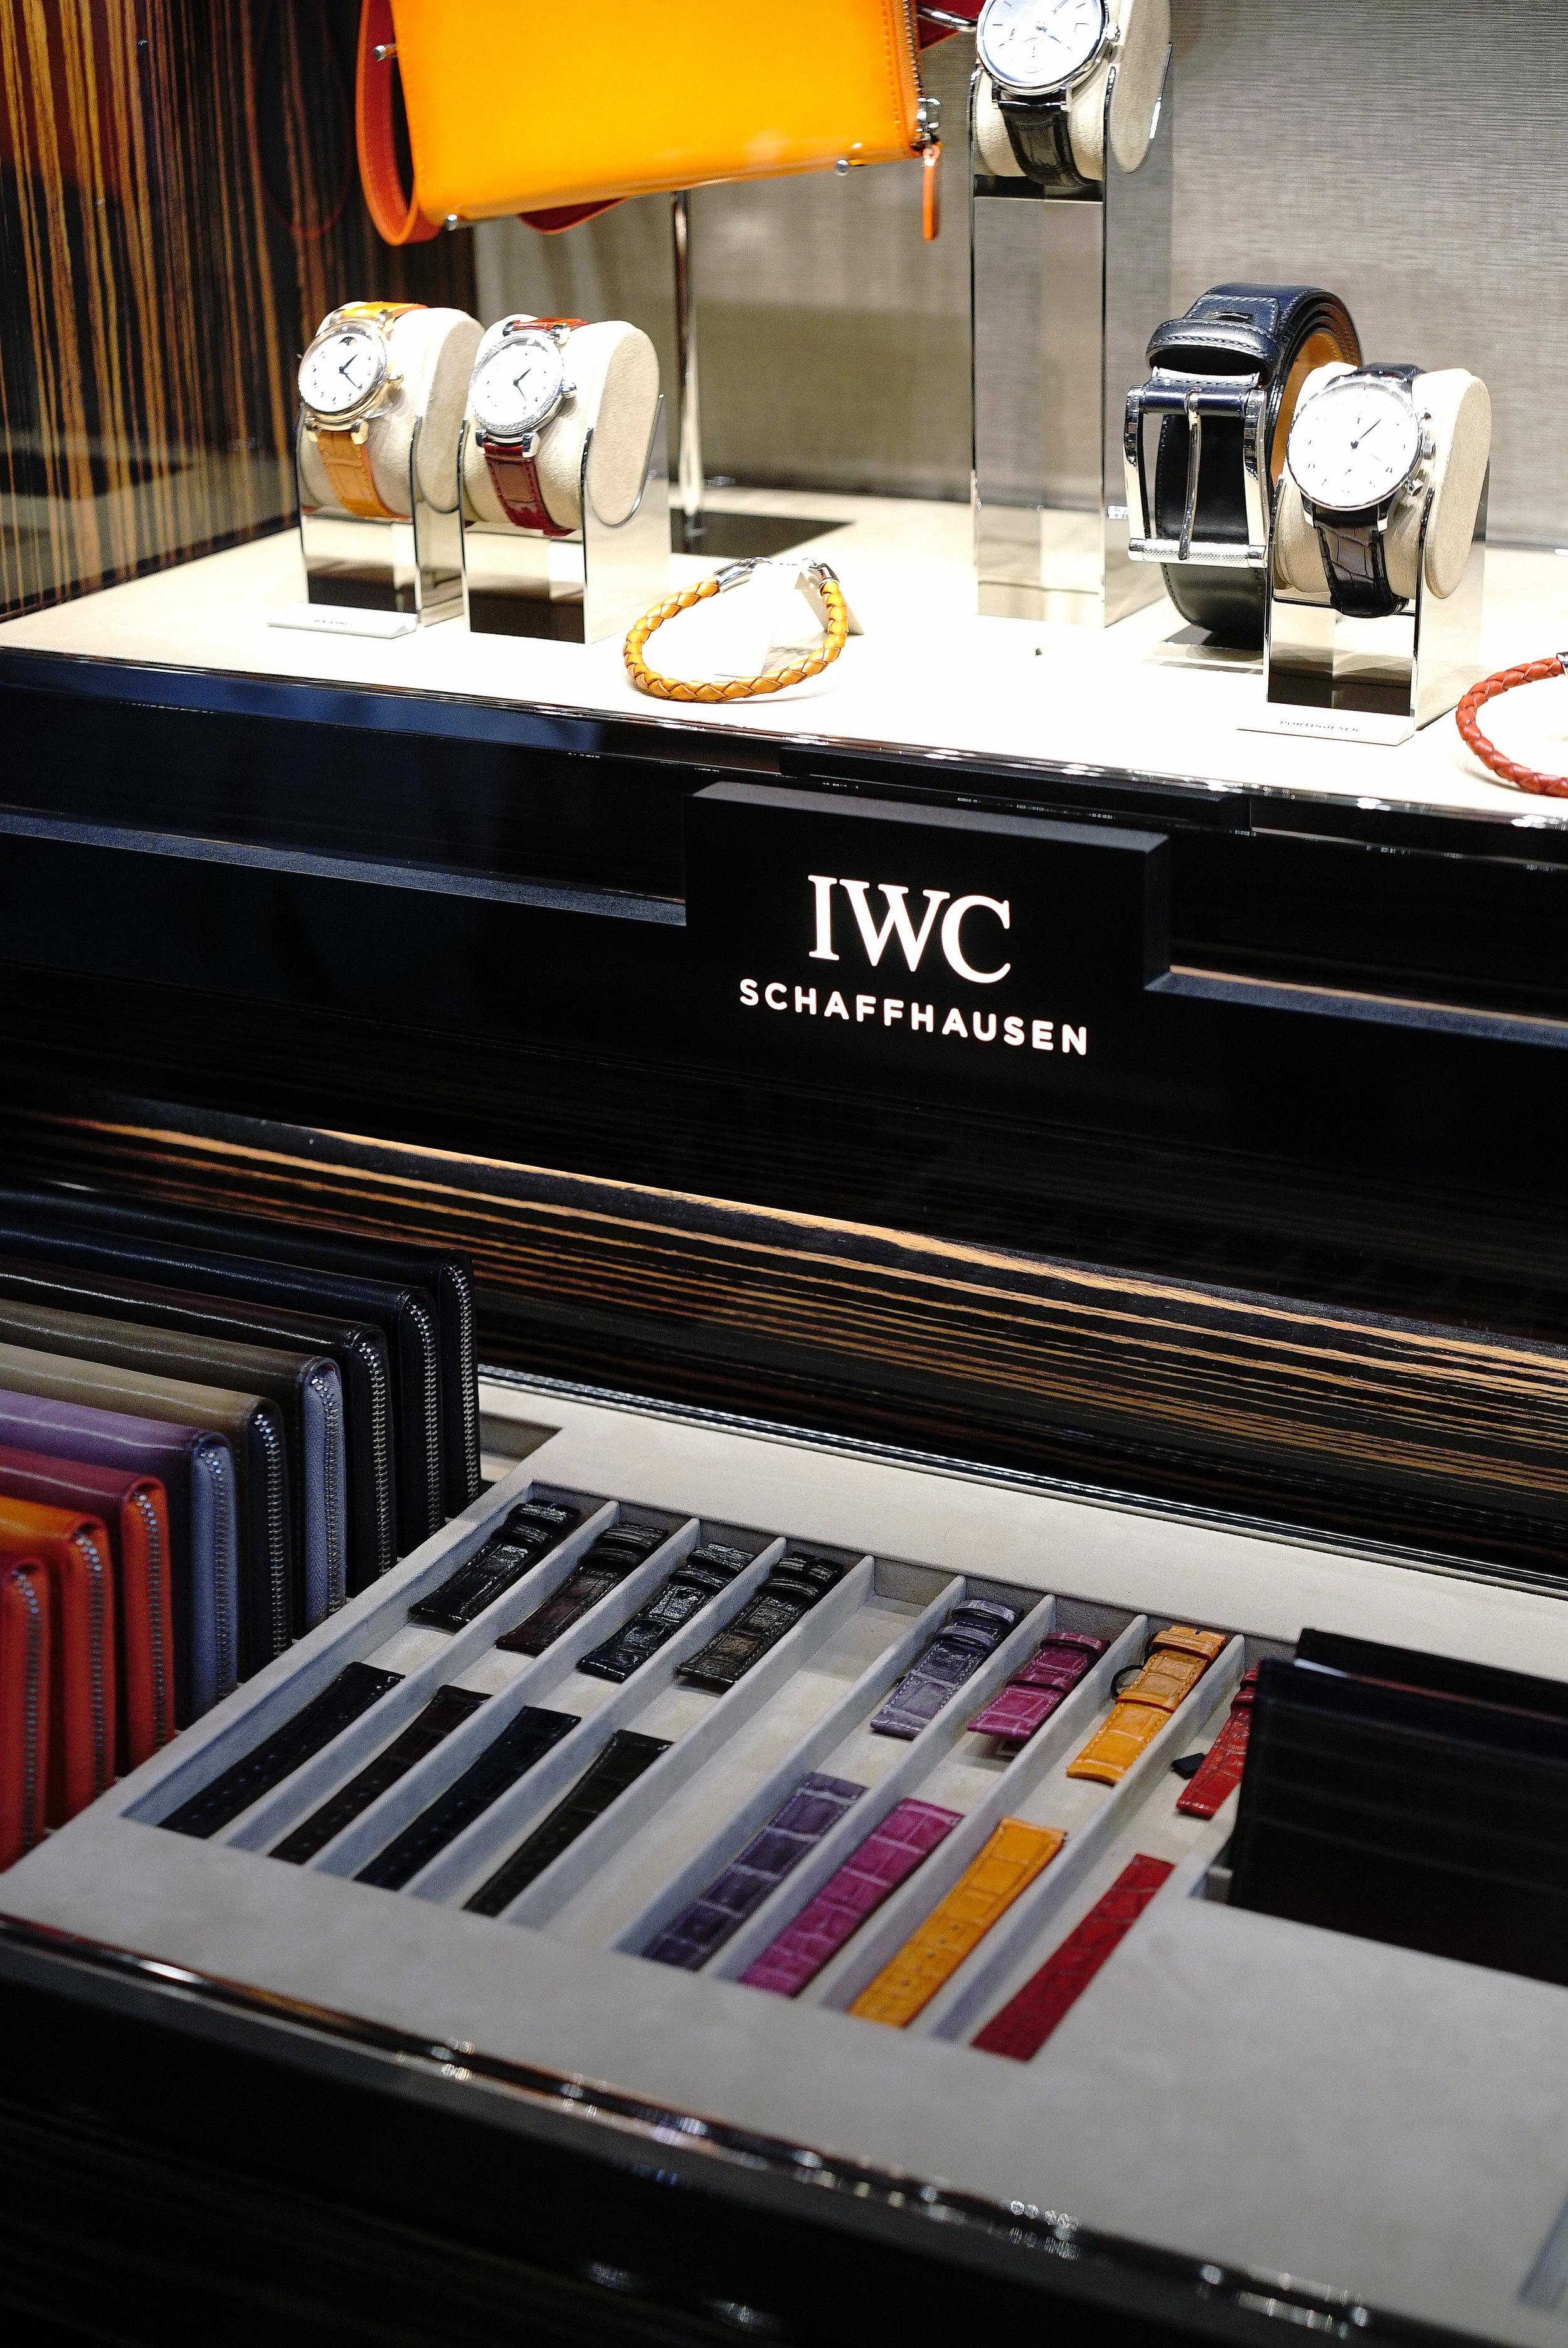 IWC 5.jpg